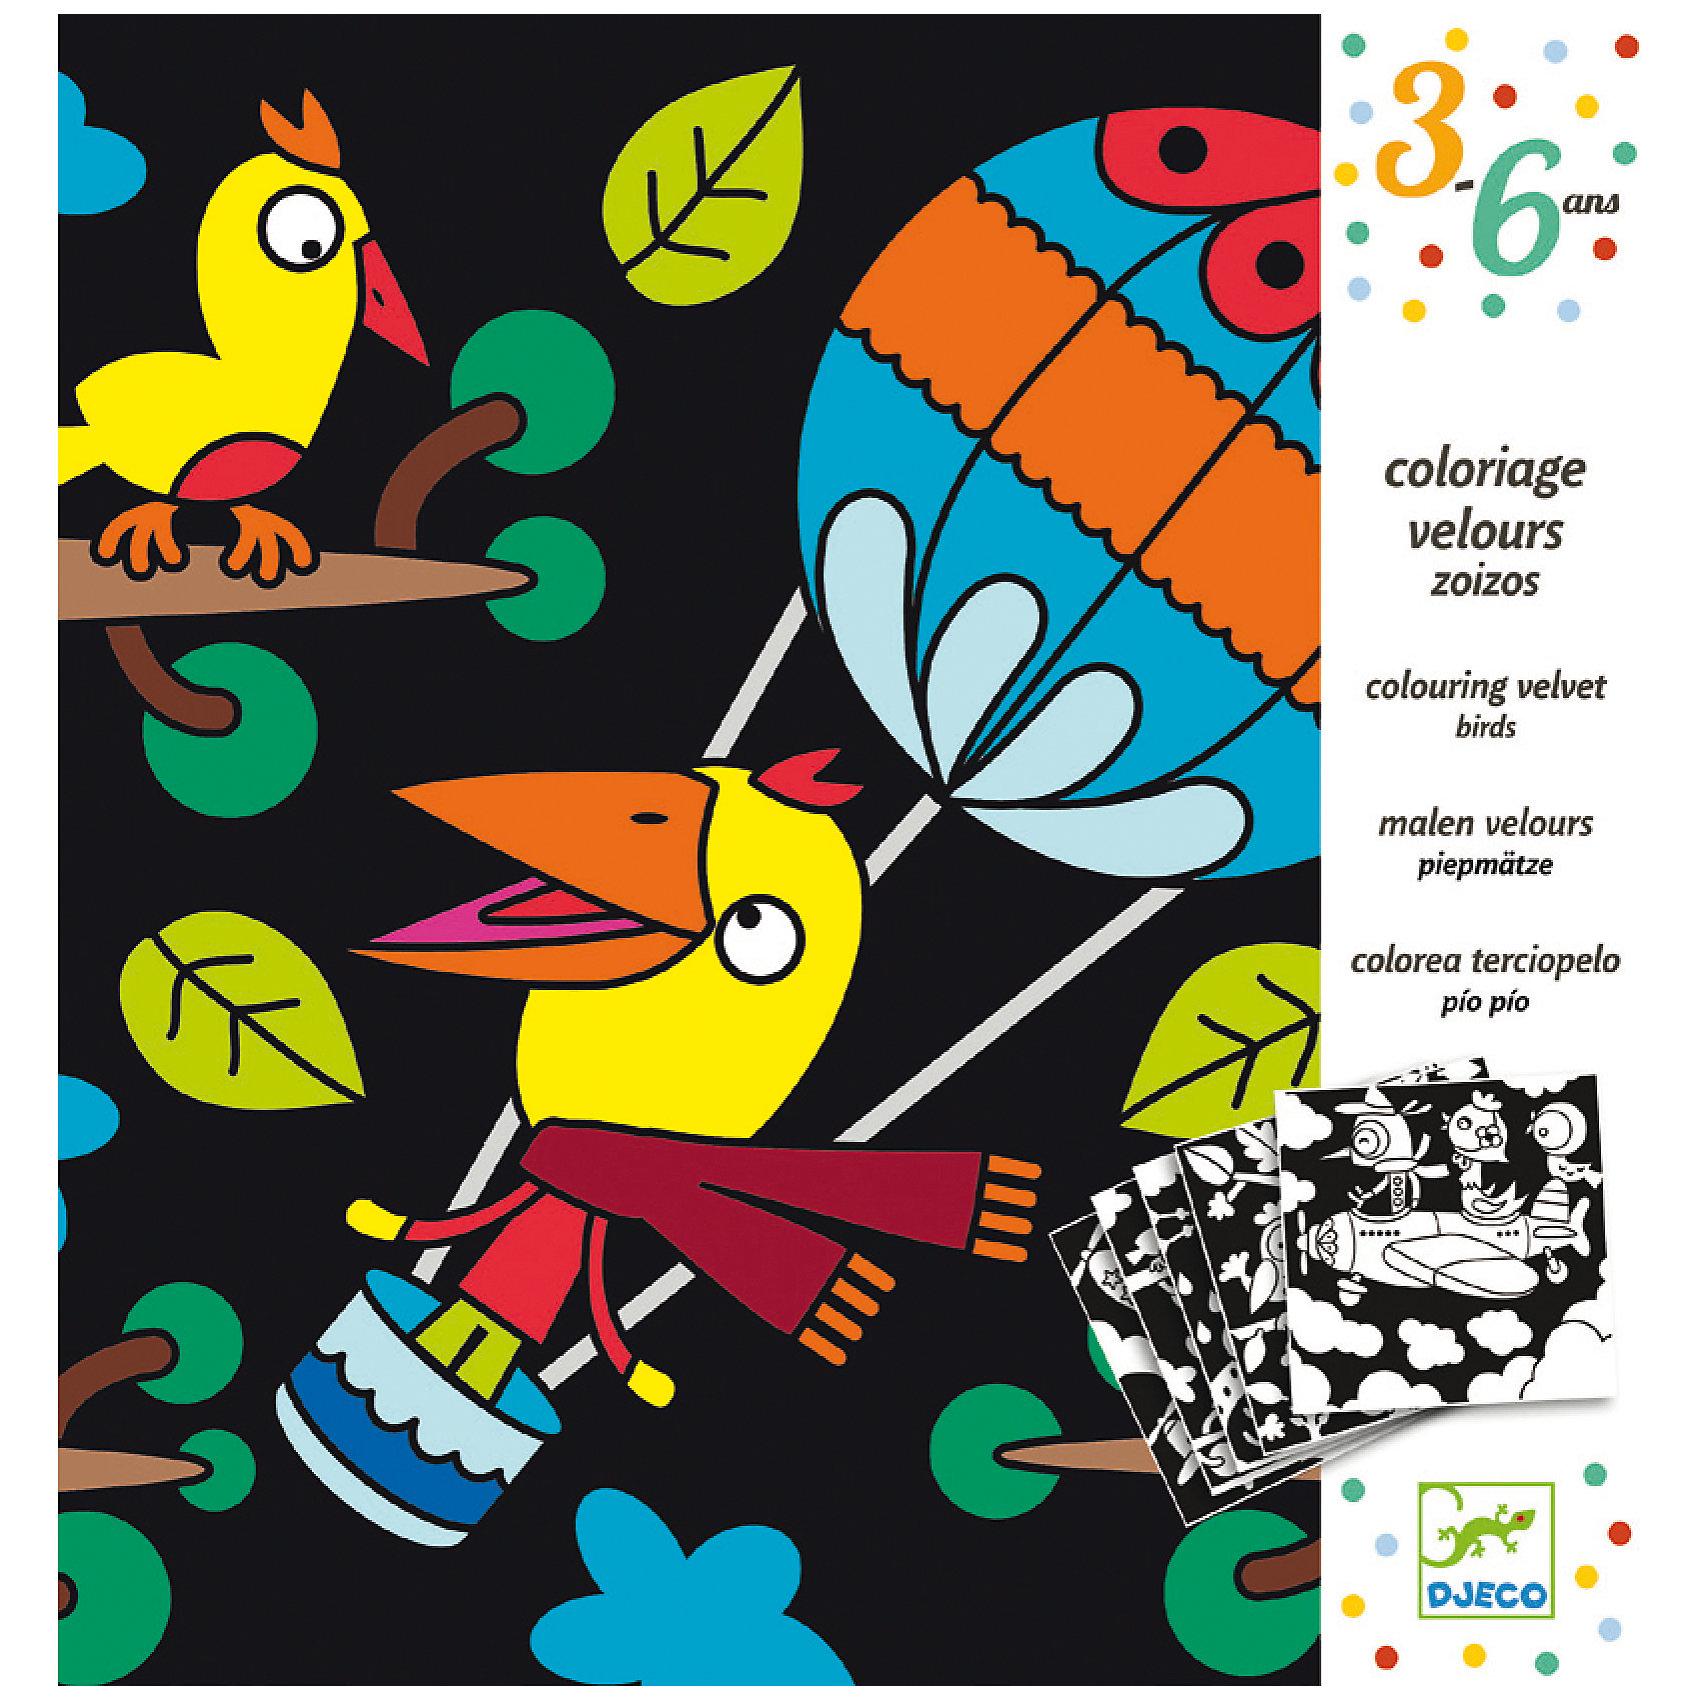 Бархатные раскраски Птицы, DJECOРаскраски для детей<br>Характеристики бархатных раскрасок Птицы:<br><br>• возраст: от 2 лет<br>• пол: универсальный<br>• комплект: 5 листов раскрасок.<br>• состав: бархат, картон.<br>• размер набора: 22 х 23 см.<br>• упаковка: картонная коробка блистерного типа.<br>• бренд: Djeco<br>• страна обладатель бренда: Франция.<br><br>Набор бархатных раскрасок Птицы от компании Djeco – это интересный набор, который может понравиться детям, любящим рисовать.<br>В набор входит пять картонных листов с нанесенными на них рисунками – они изображают разнообразных веселых птичек. Фон рисунка – бархатная бумага, которая не только красиво выглядит, но и поможет ребенку в раскрашивании.<br><br>Бархатные раскраски Птицы от торговой марки Djeco (Джеко) можно купить в нашем интернет-магазине.<br><br>Ширина мм: 230<br>Глубина мм: 220<br>Высота мм: 100<br>Вес г: 120<br>Возраст от месяцев: 36<br>Возраст до месяцев: 2147483647<br>Пол: Унисекс<br>Возраст: Детский<br>SKU: 5448818